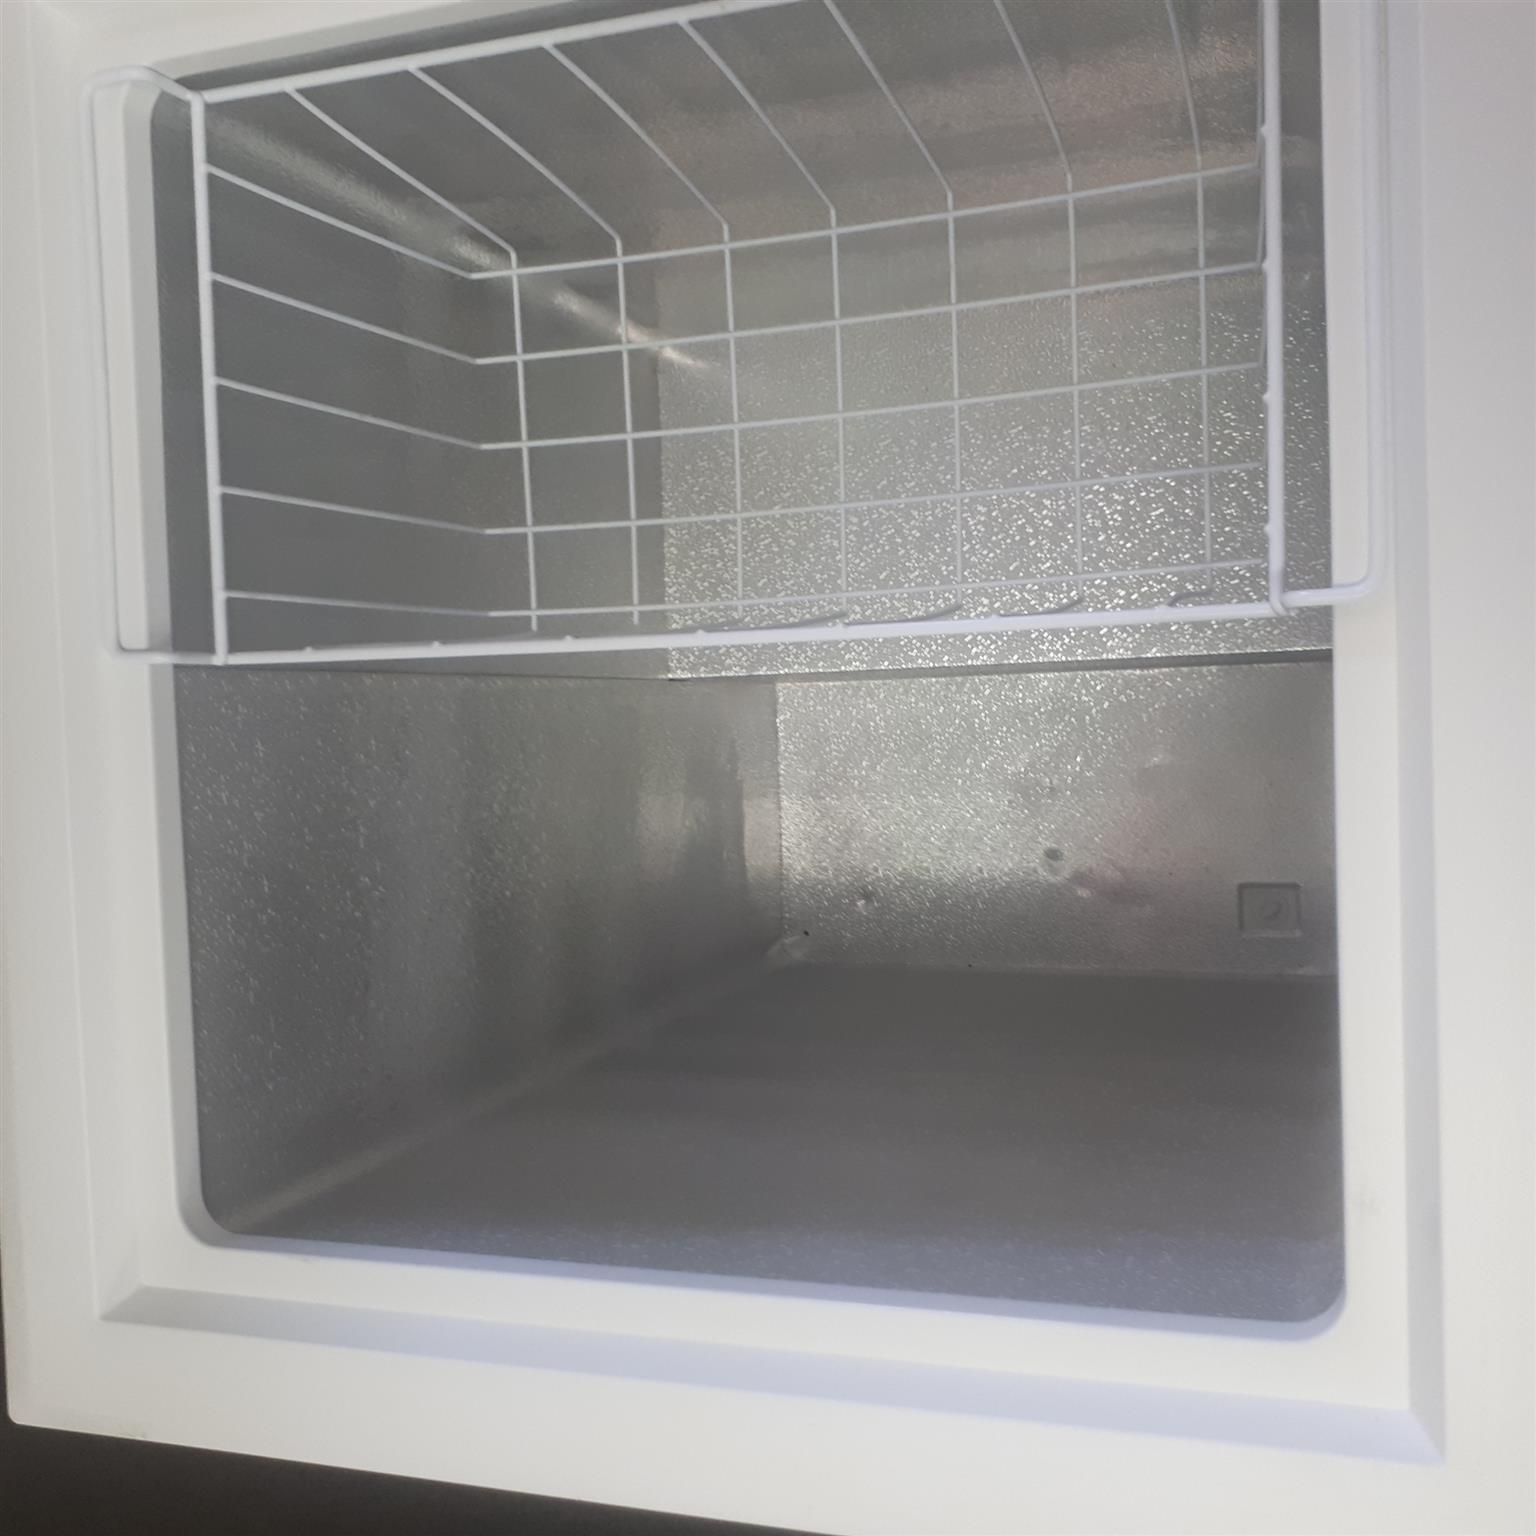 Sansui Freezer for sale